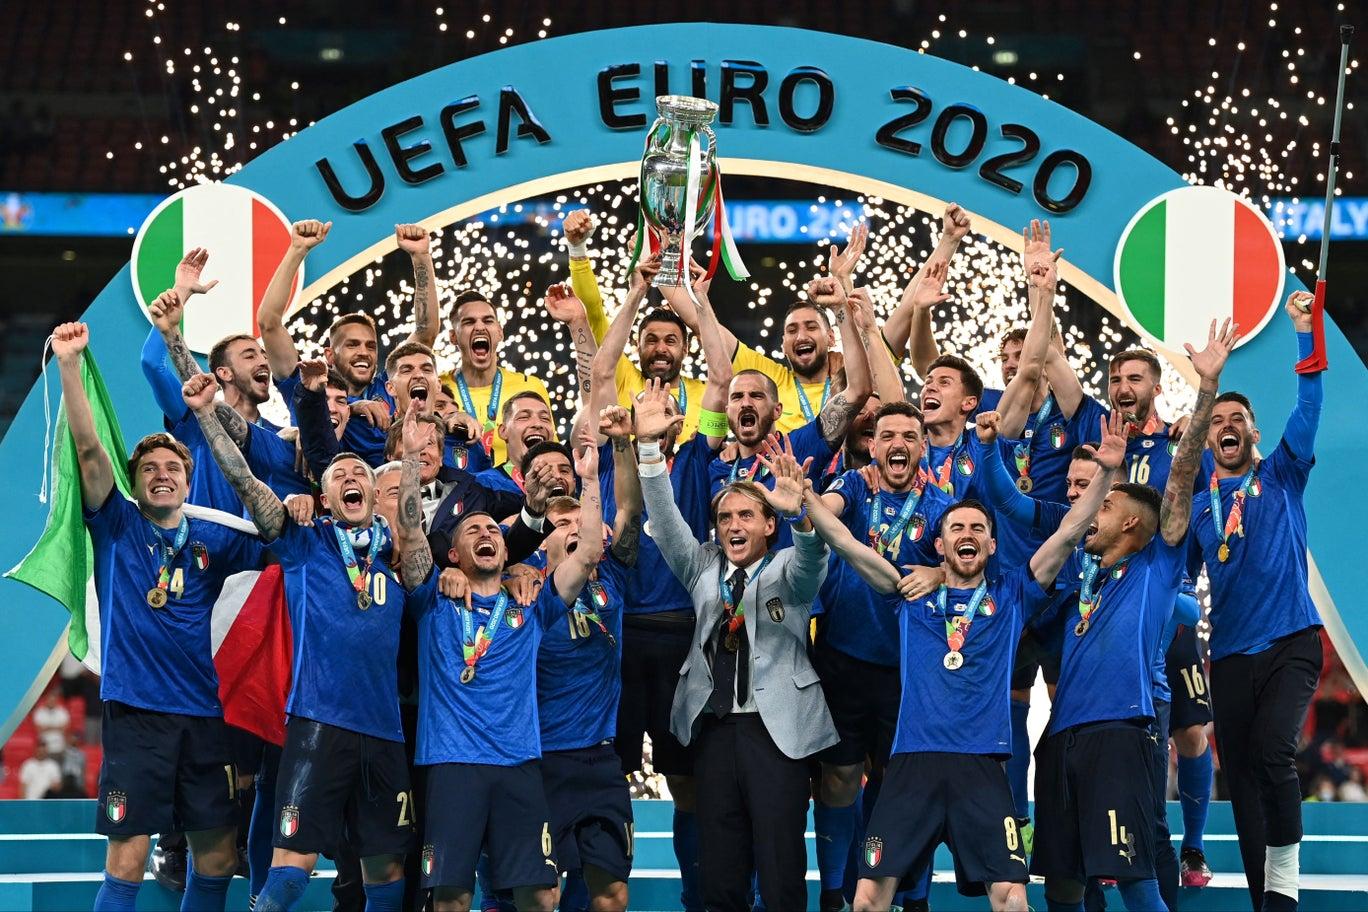 После пандемического ада — футбольный рай. Что британские и итальянские СМИ пишут о финале Евро-2020